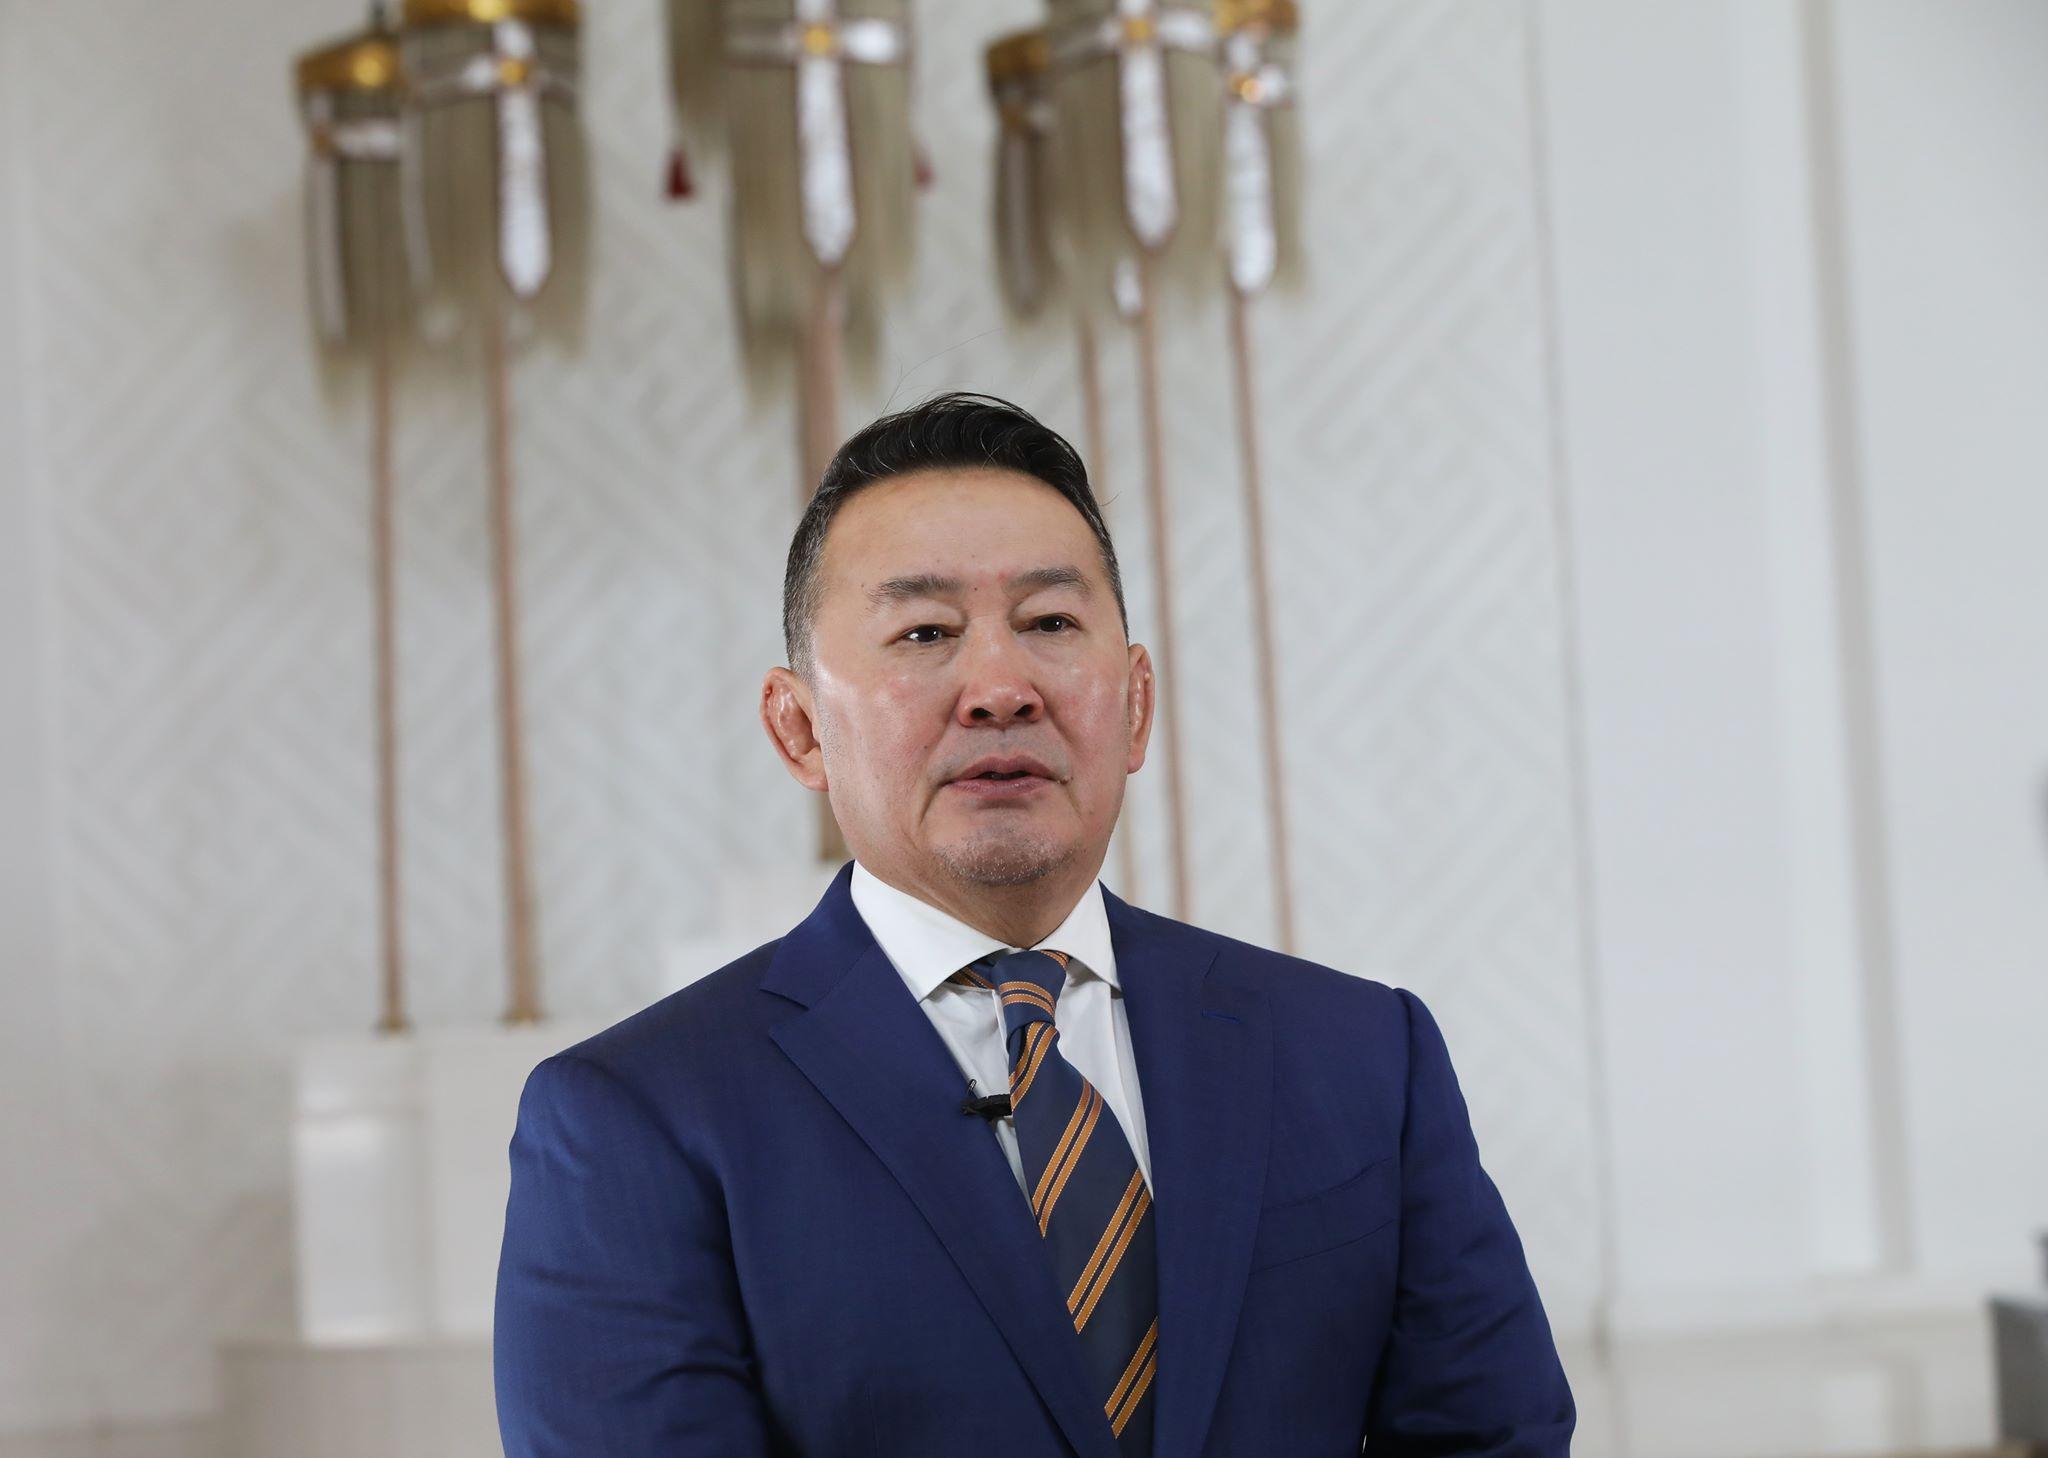 Монгол Улсын Ерөнхийлөгч Цагаан сарын баярыг настан буурлуудад хүндрэл, эрсдэл учруулах байдлаар тэмдэглэхгүй байхыг уриаллаа